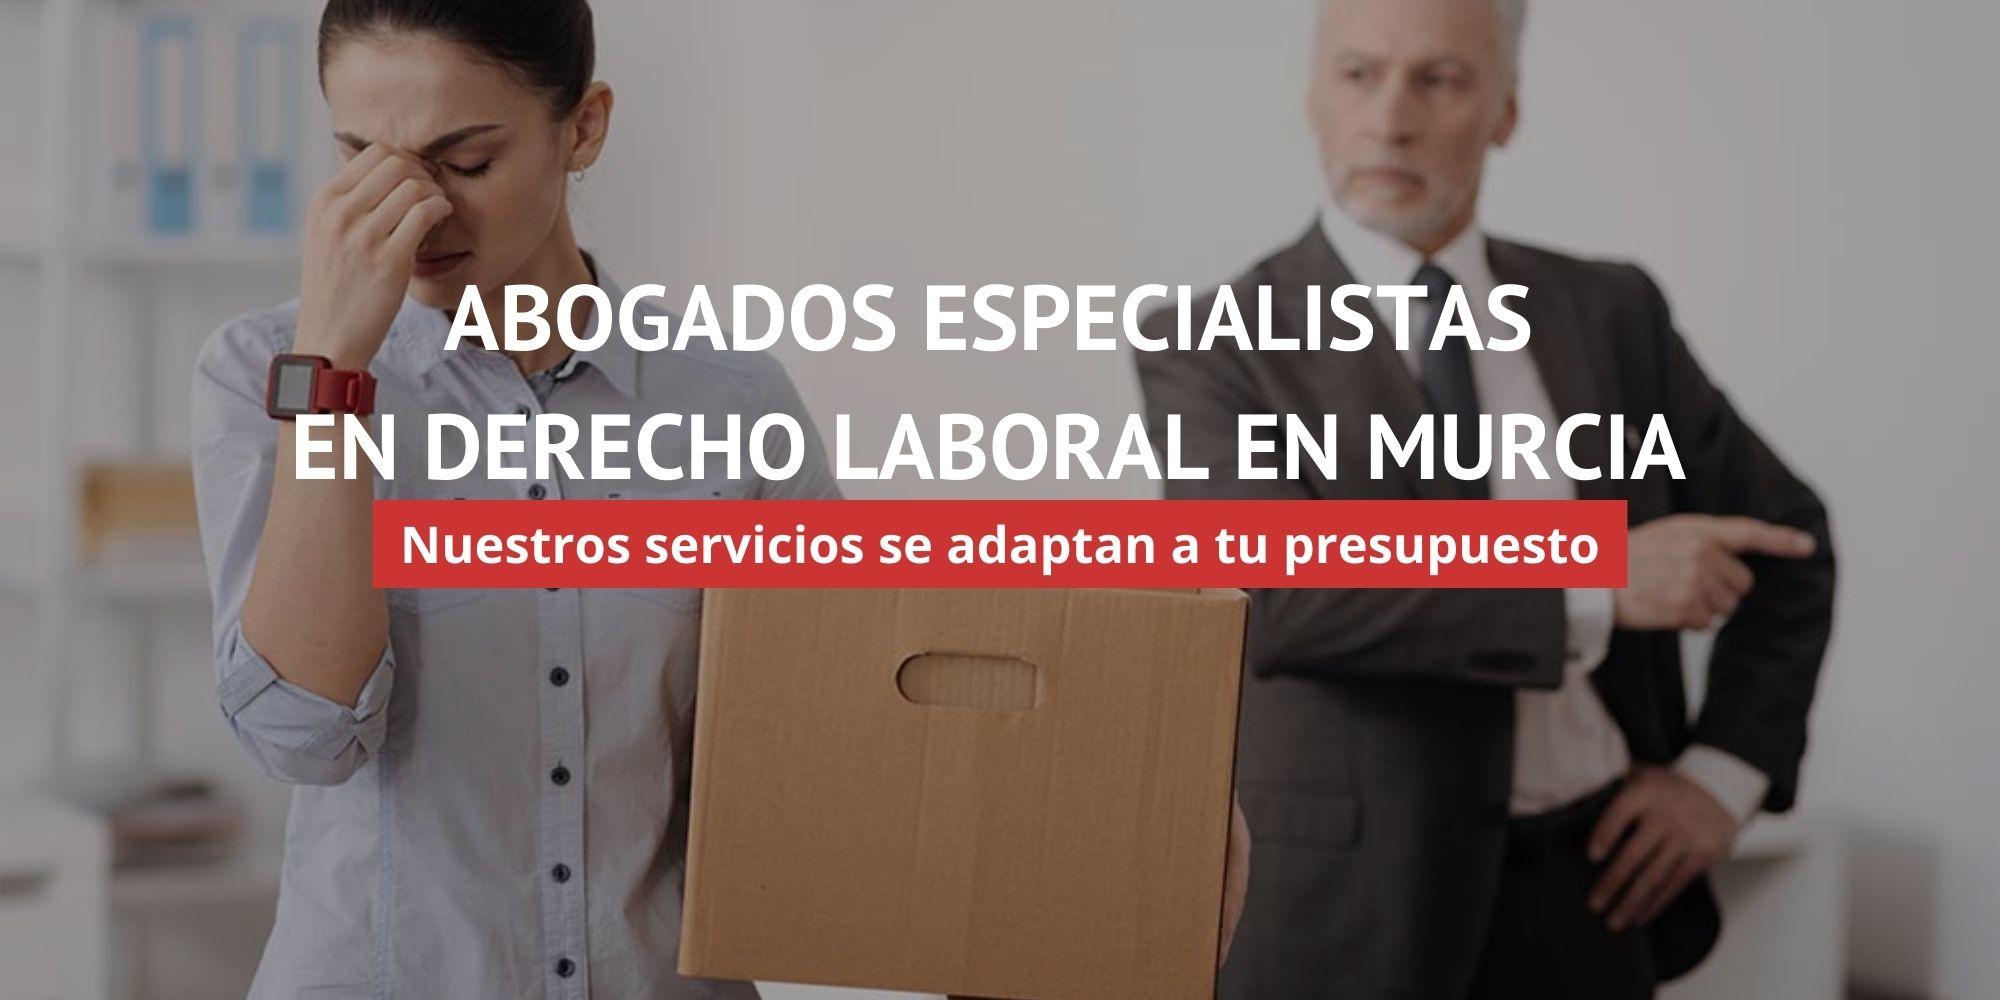 Abogados Derecho Laboral Murcia - Primera Visita Gratis | ACC LEGAL ABOGADOS